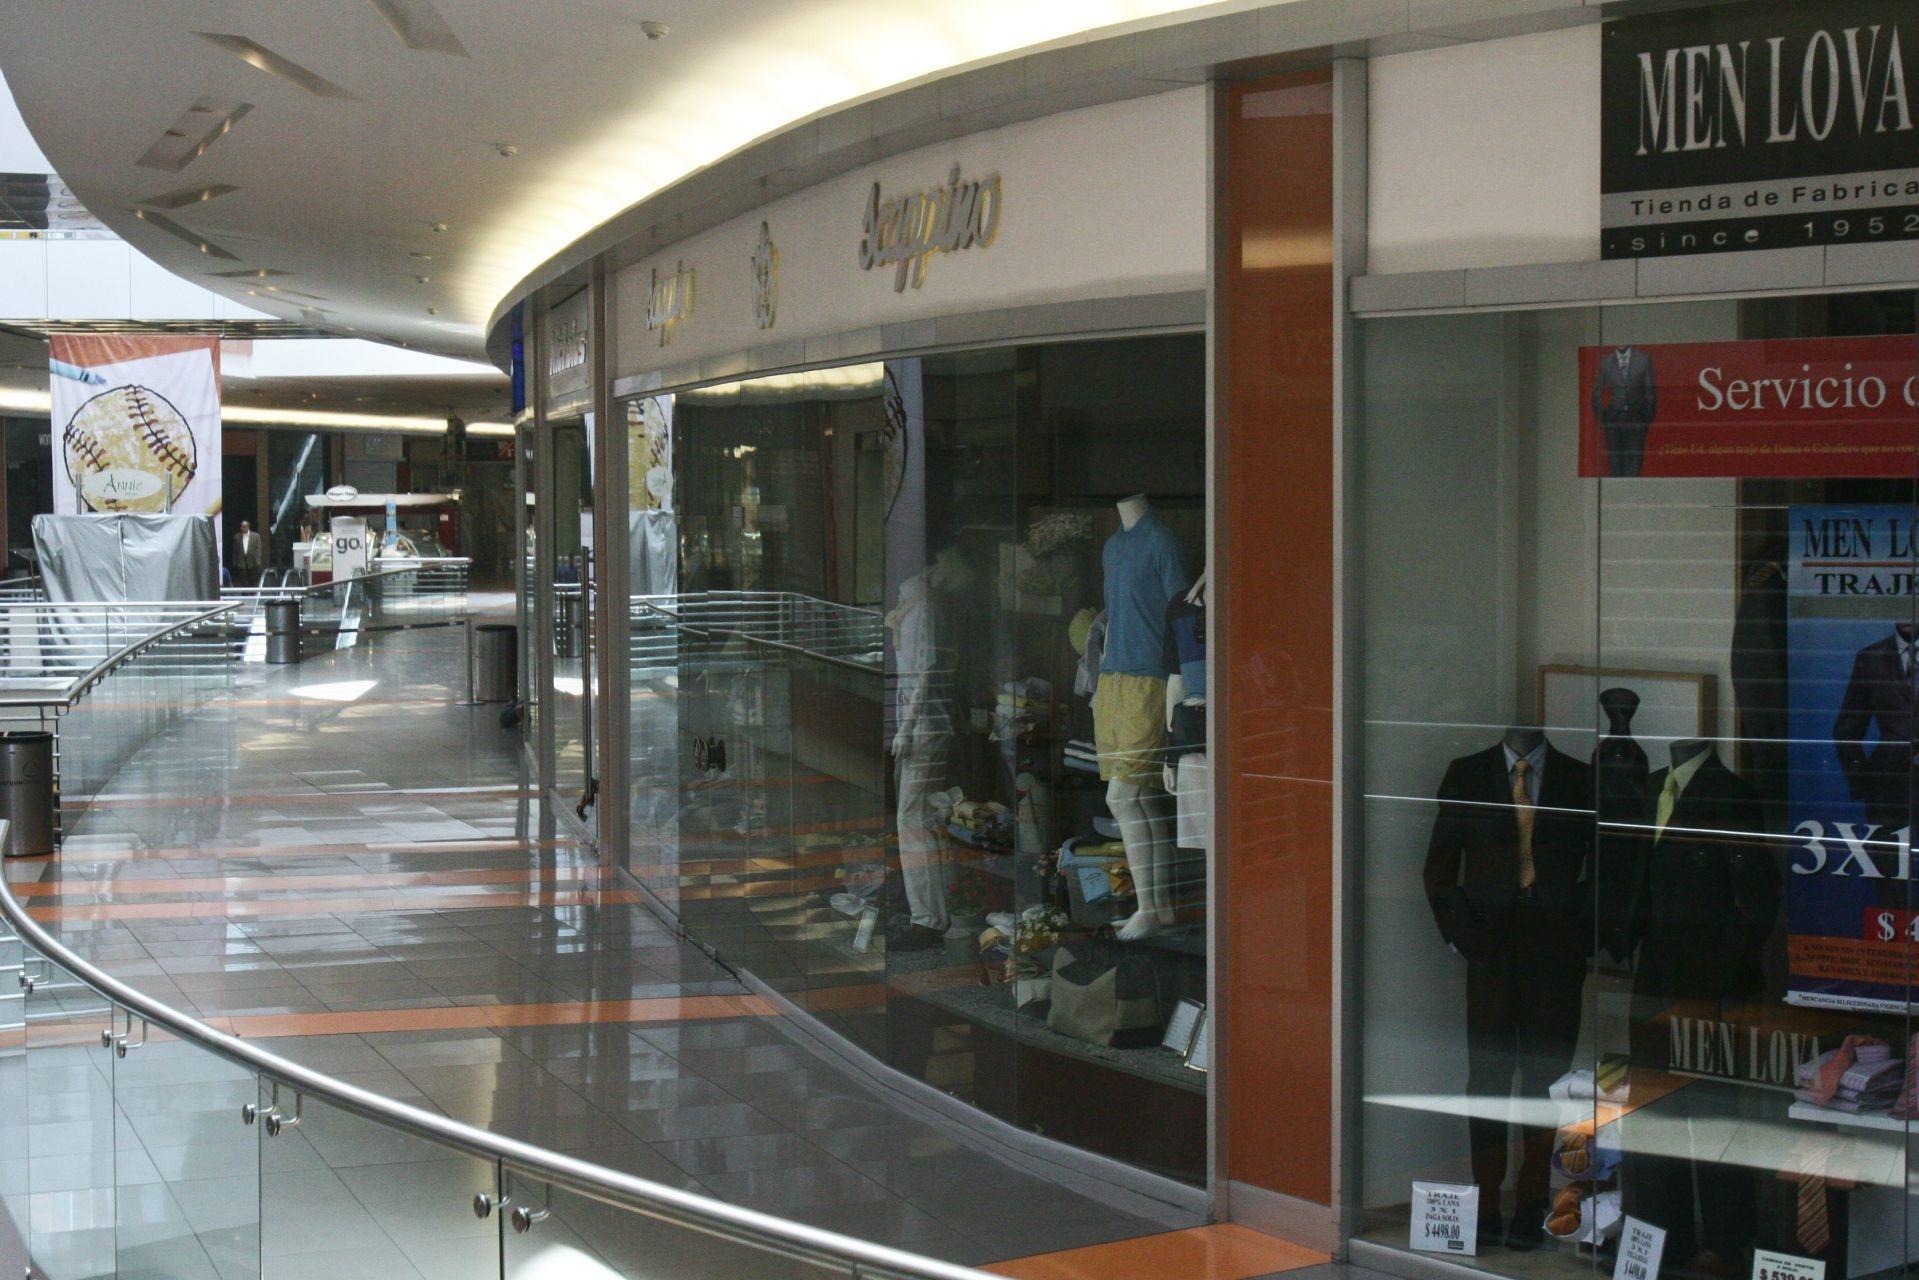 Hasta 2,500 negocios en plazas comerciales cerrarán definitivamente por coronavirus thumbnail